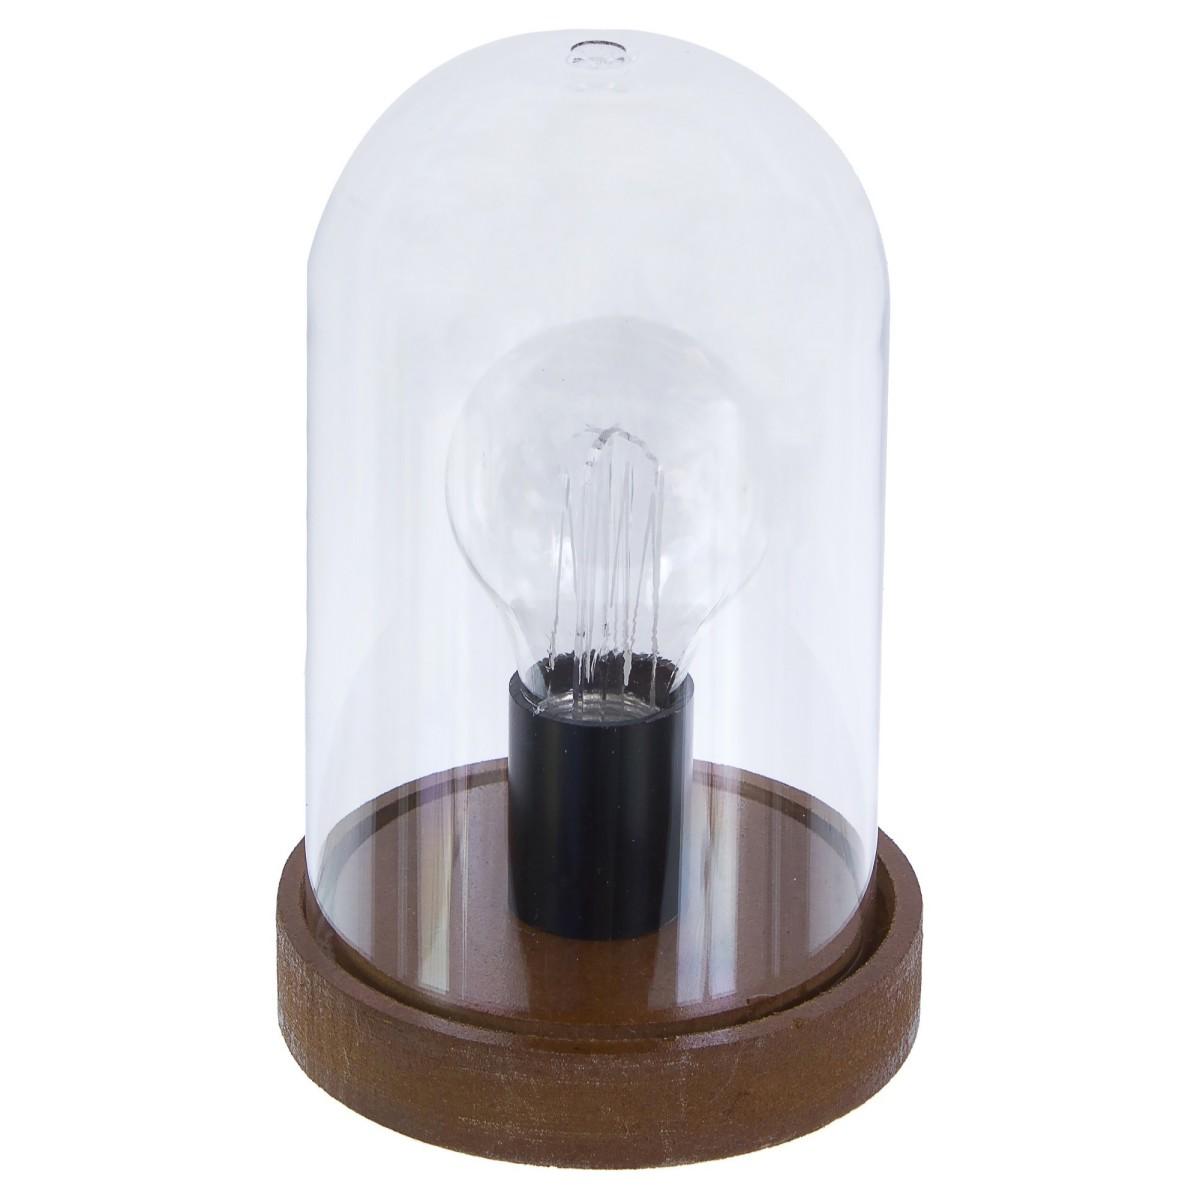 Декоративный светильник светодиодный «Globo» 1x0.06 Вт цвет черный